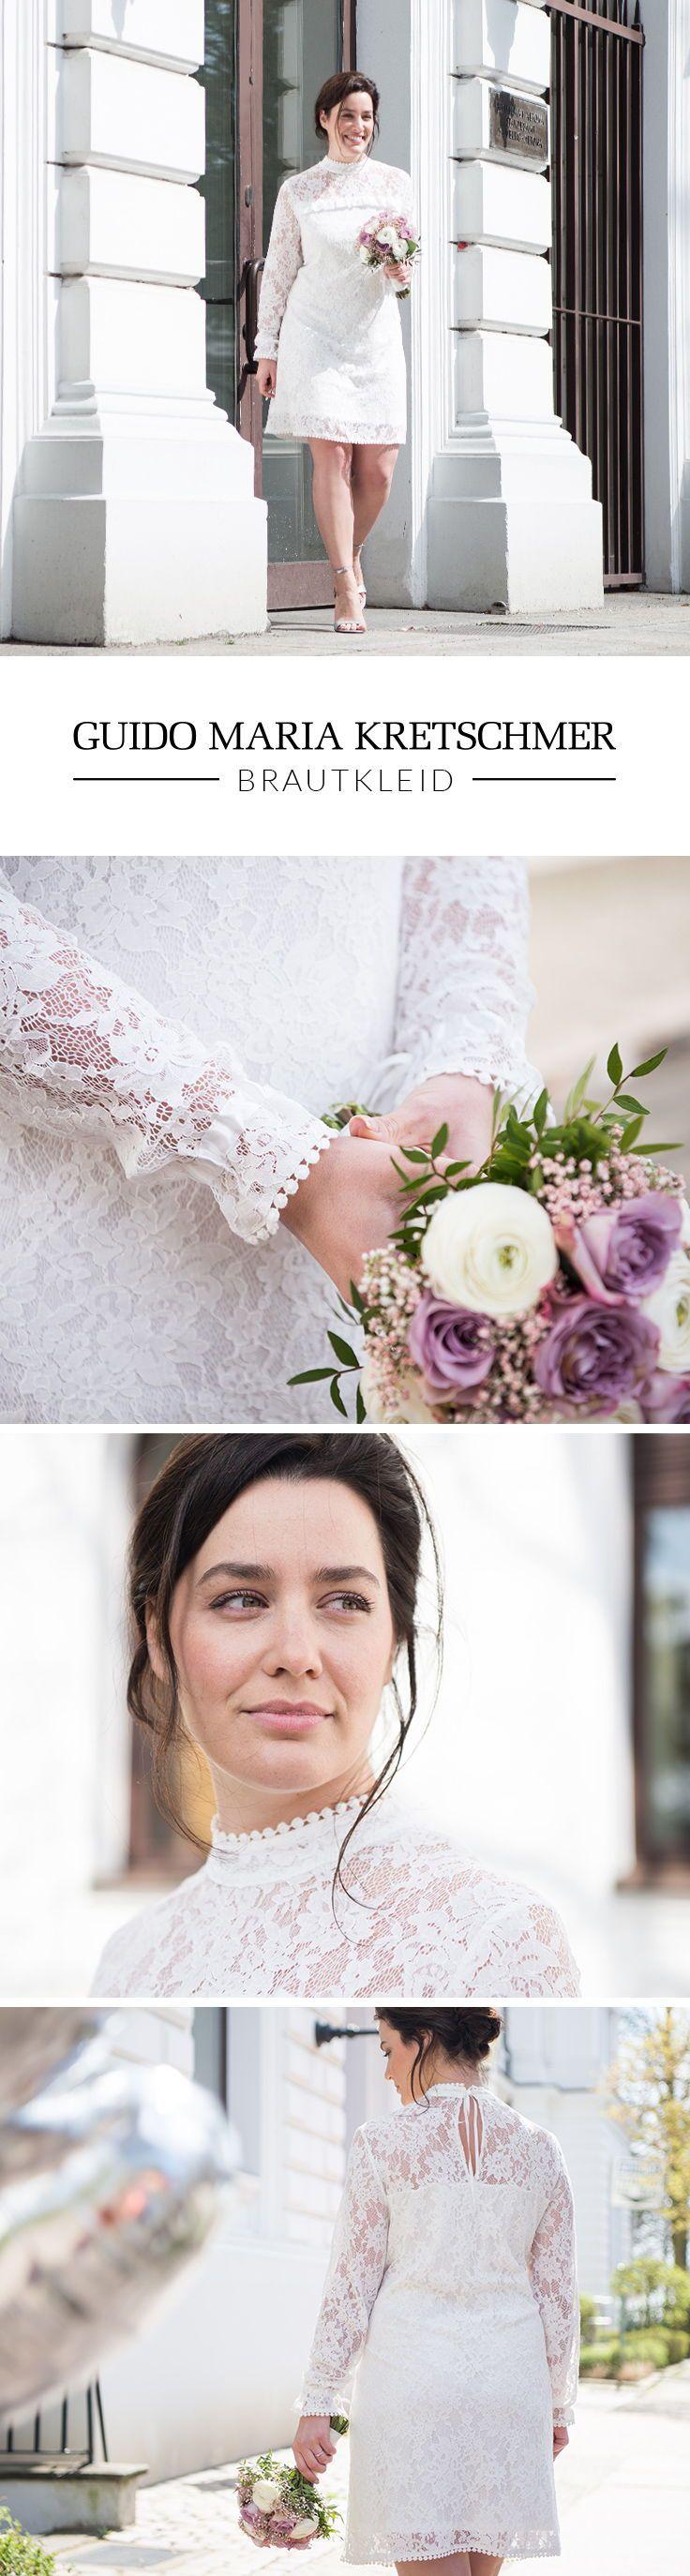 Schön Brautkleid Utah Zeitgenössisch - Brautkleider Ideen - cashingy ...